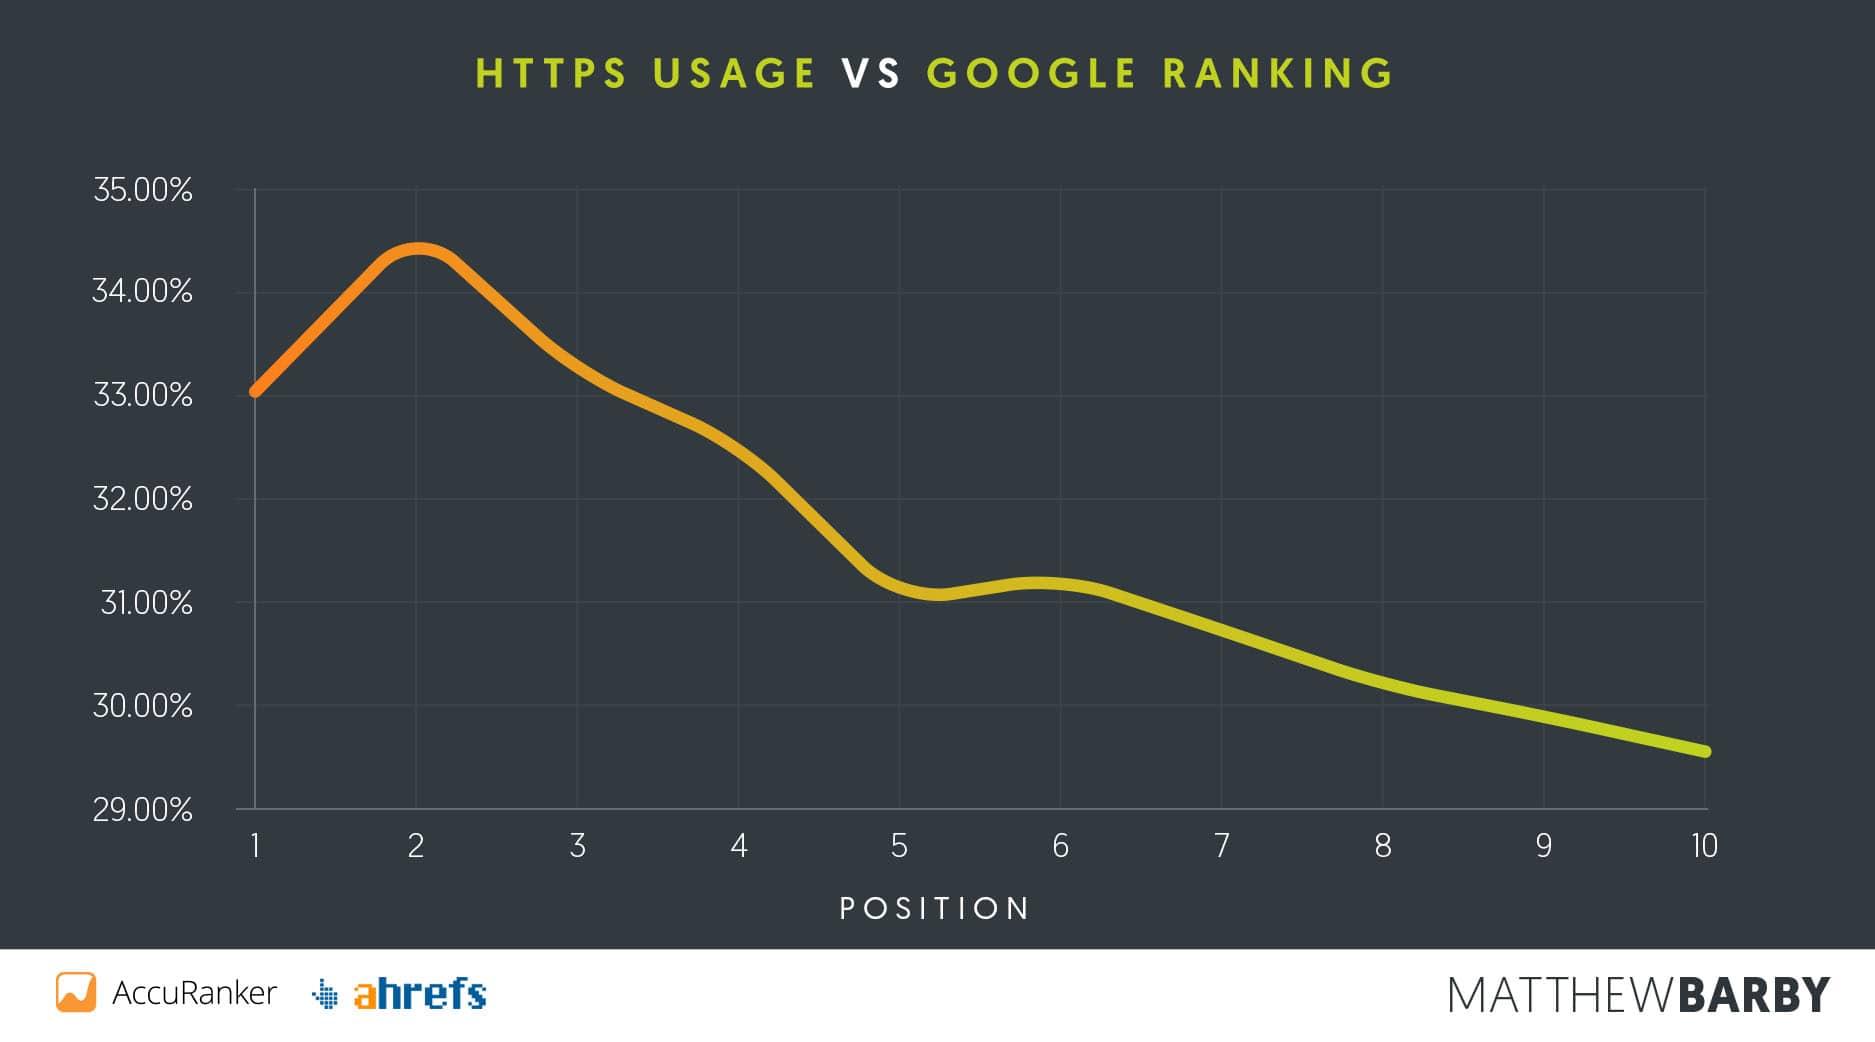 L'uso di HTTPS vs. ranking di Google